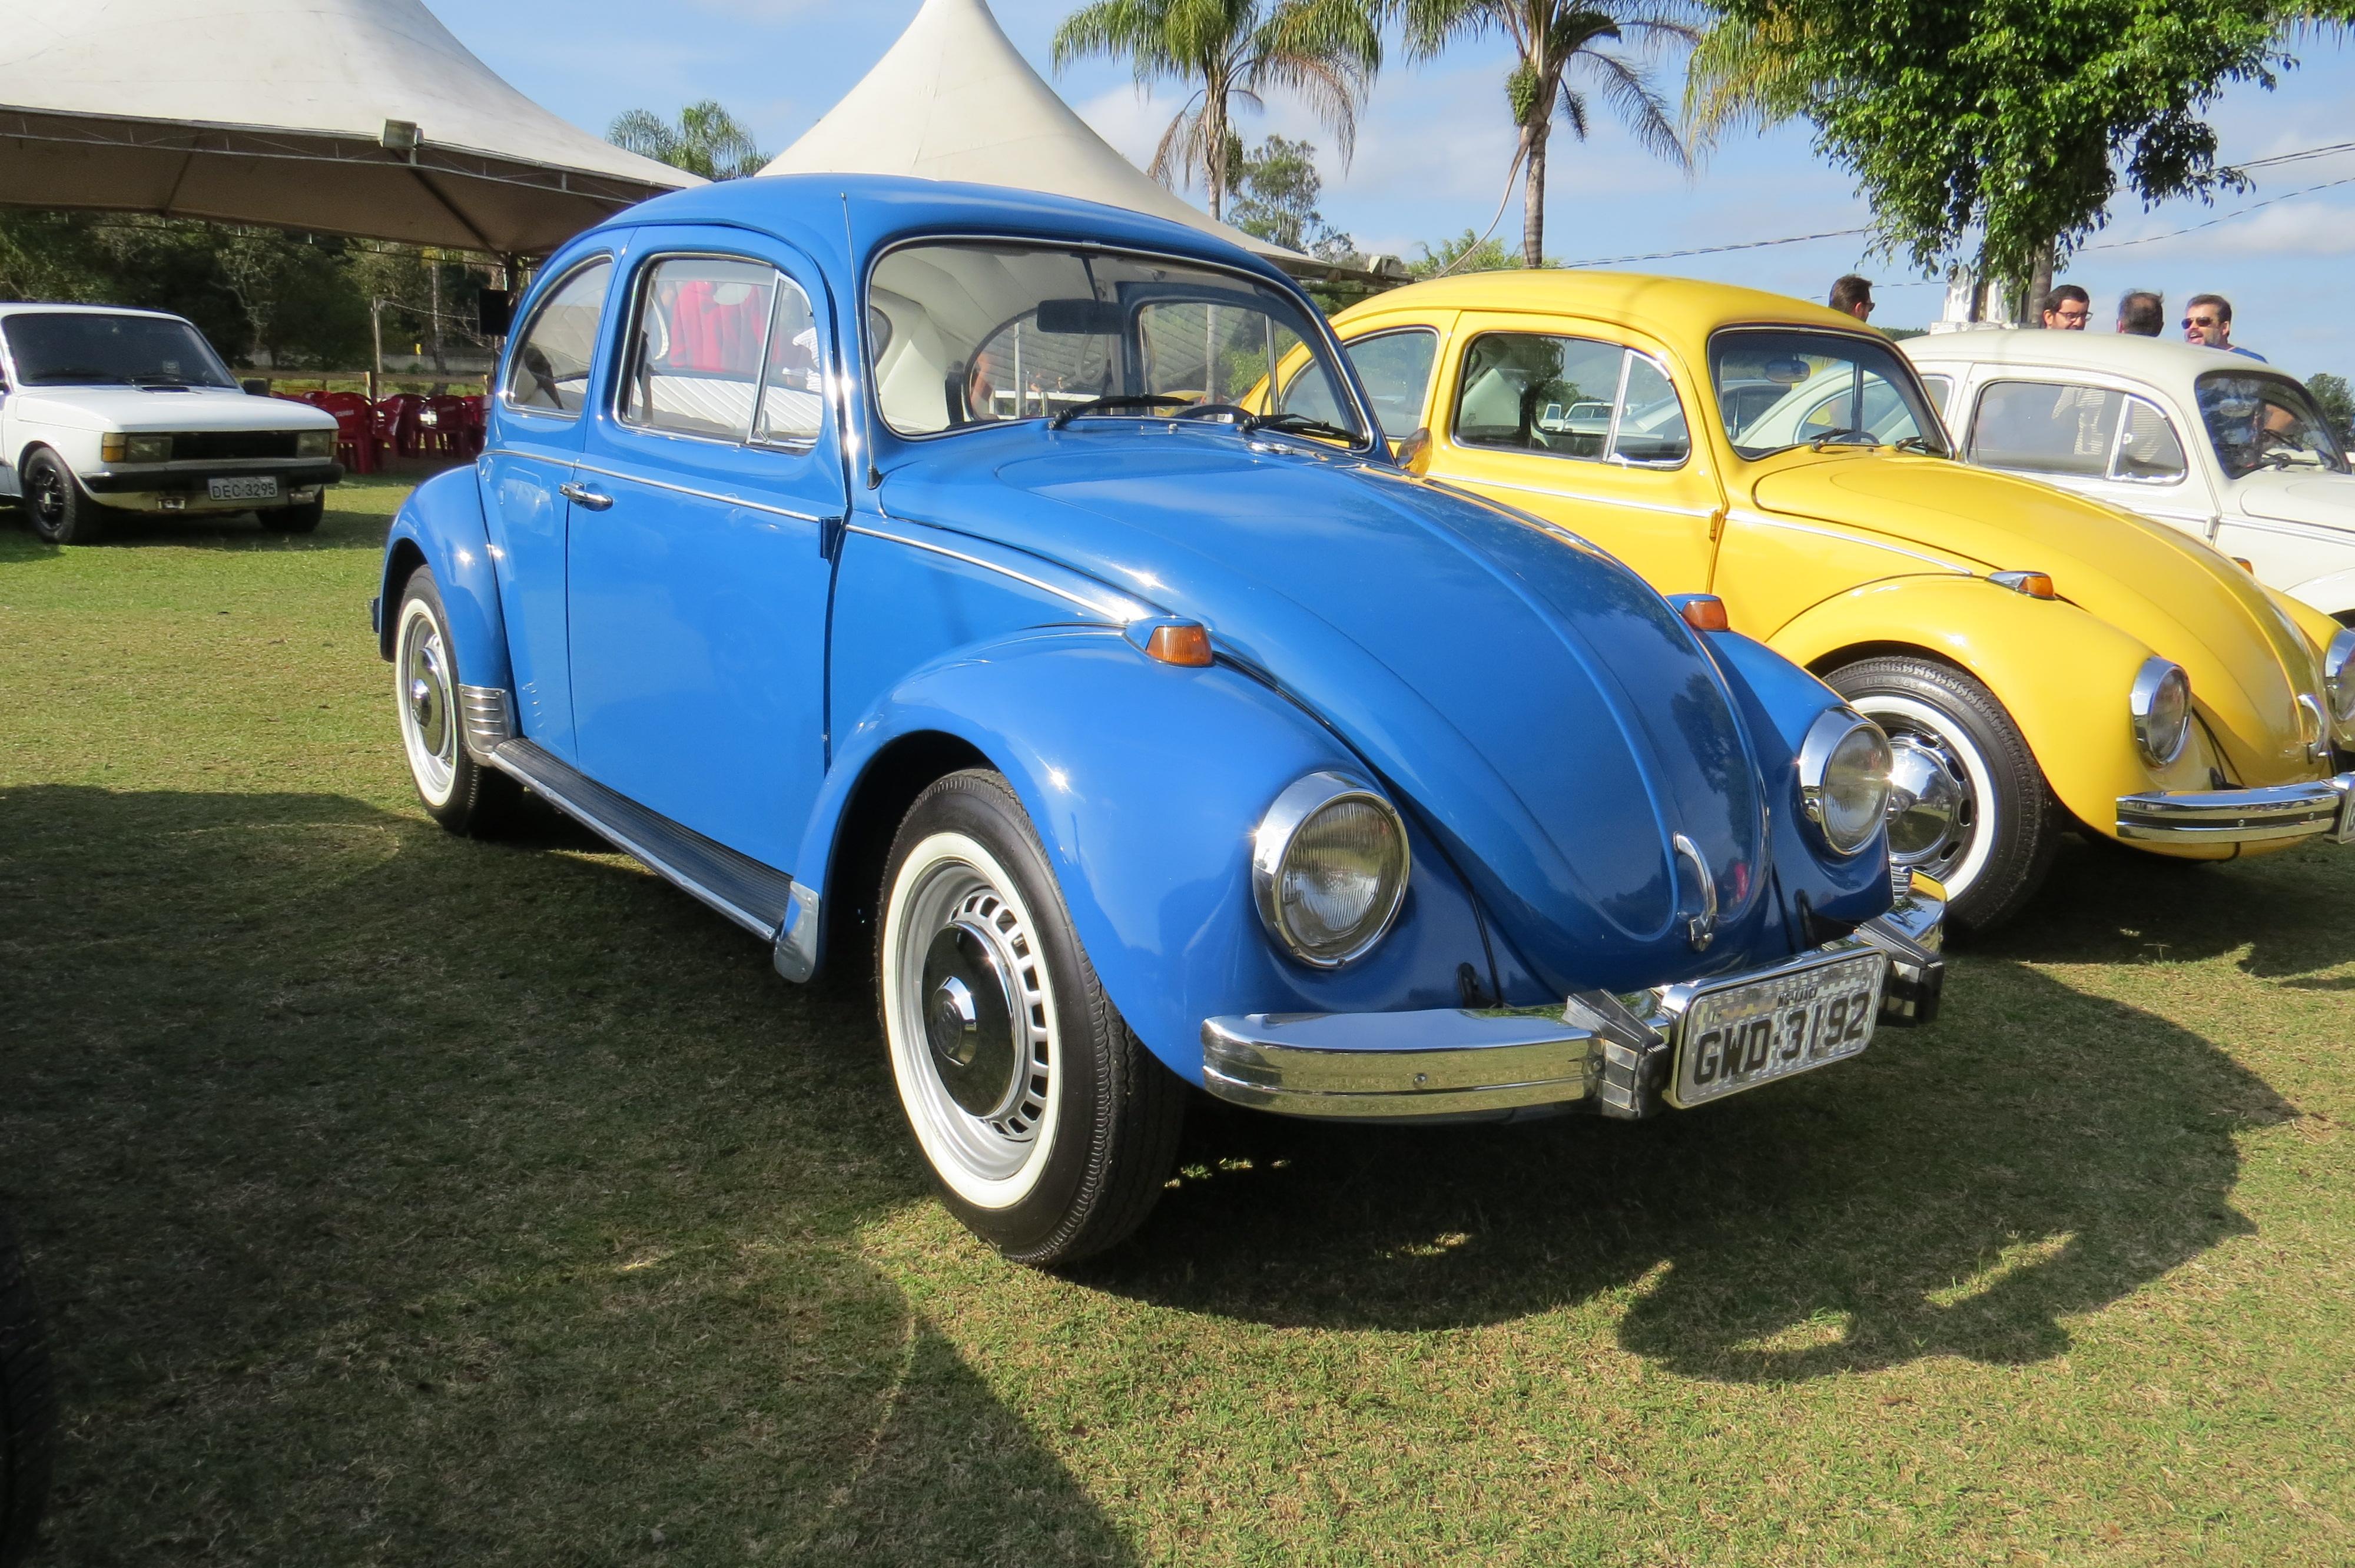 IMG 4872 - 3º Grande Encontro dos Carros Antigos do Sul de Minas